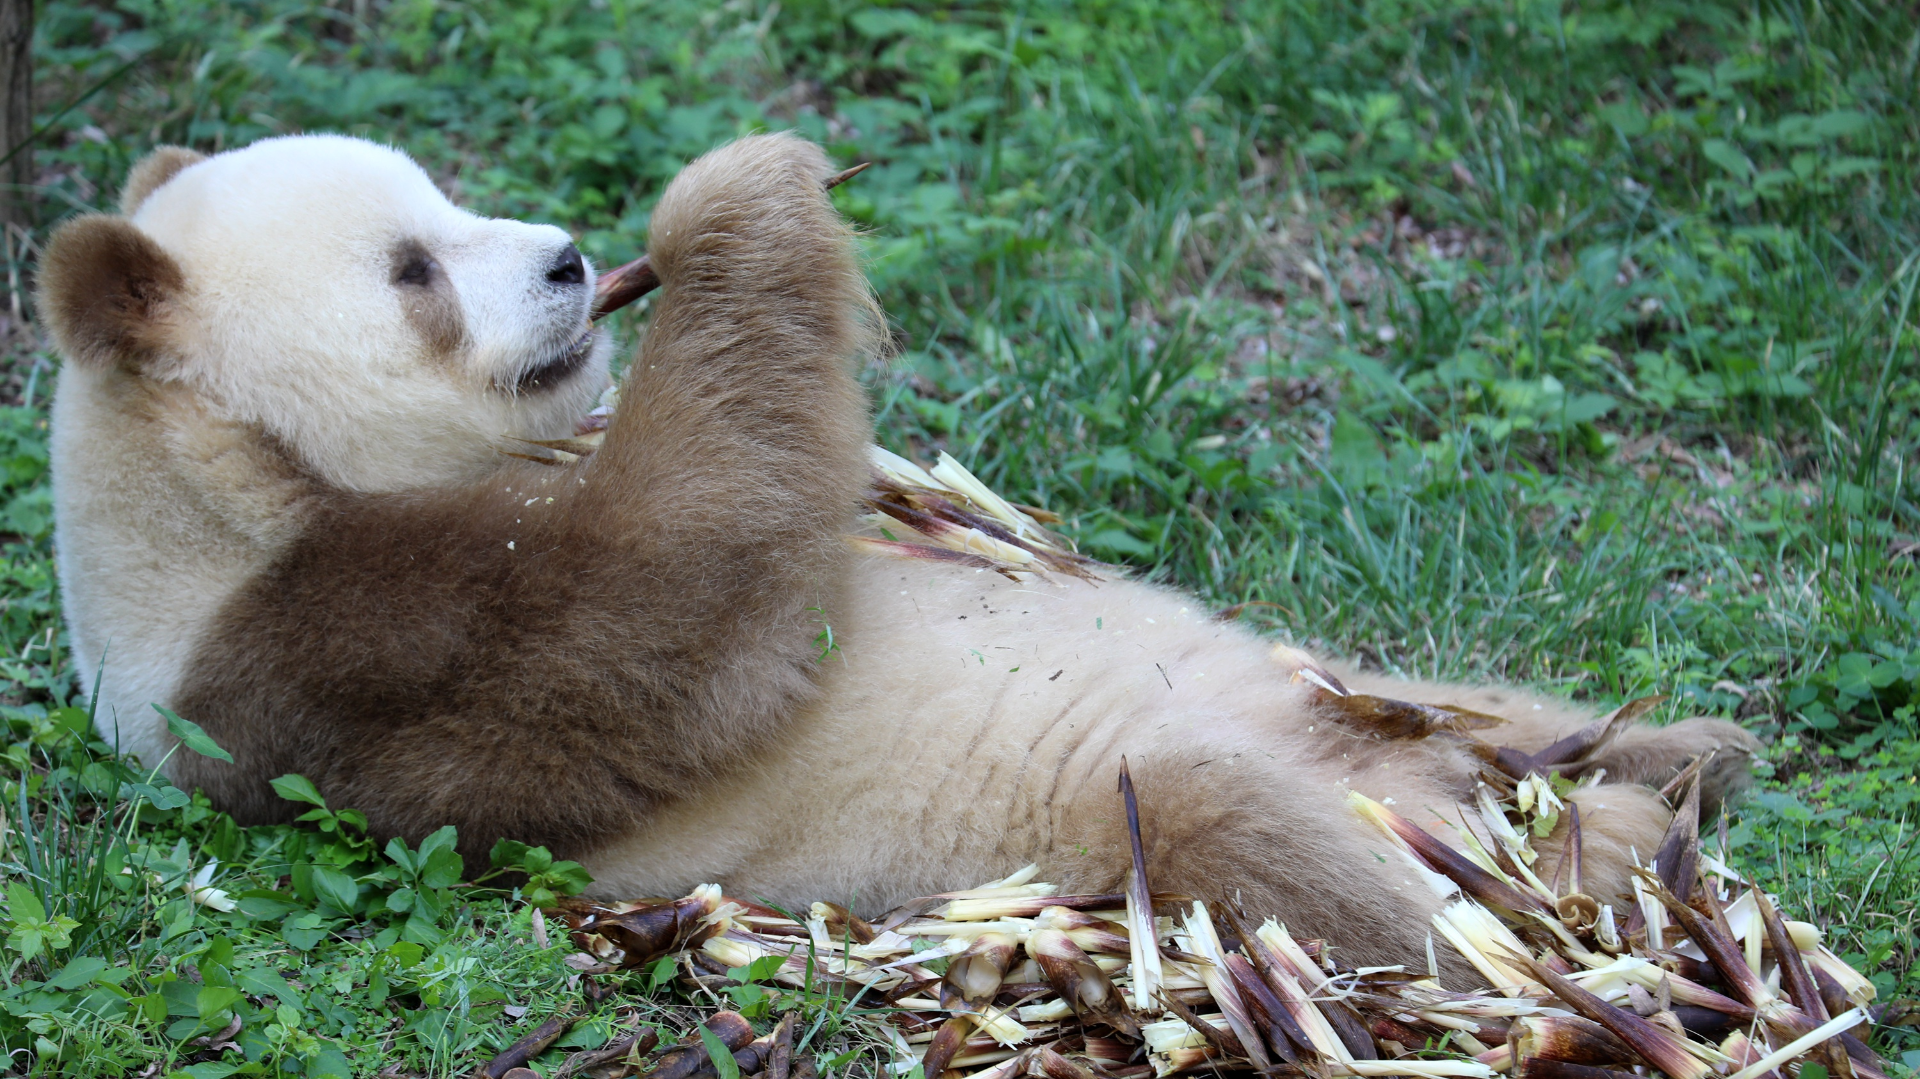 棕色大熊貓「七仔」的幸福生活